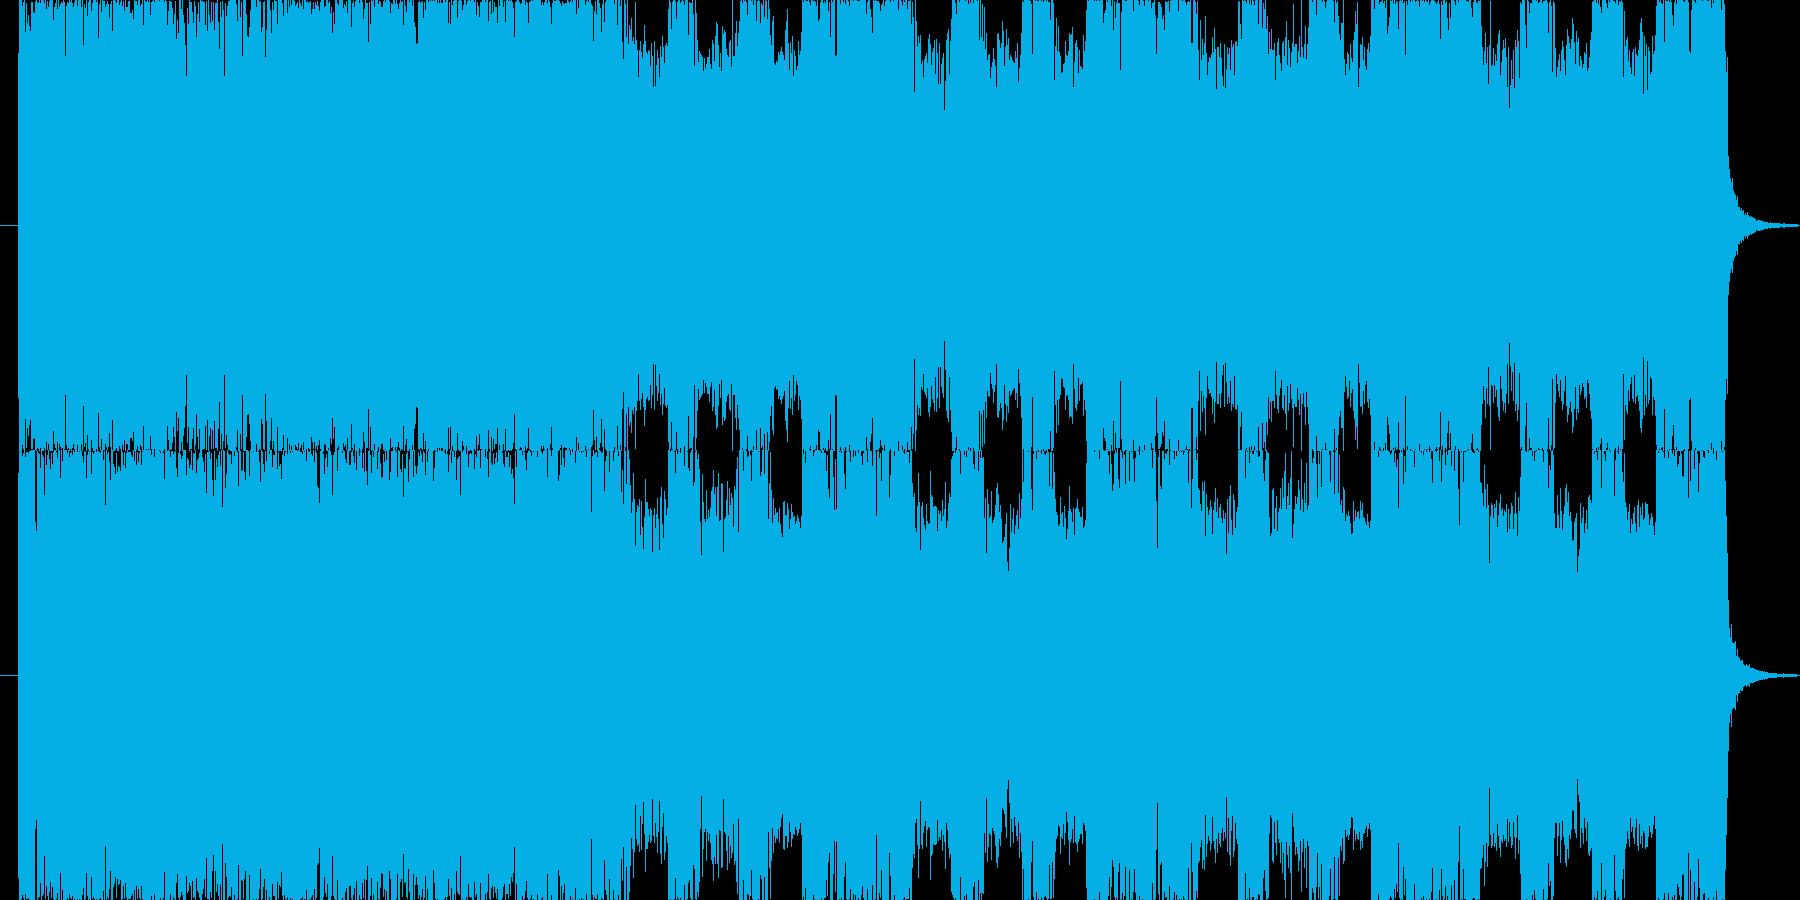 【BGM】 激しく重厚なメタルコアの再生済みの波形